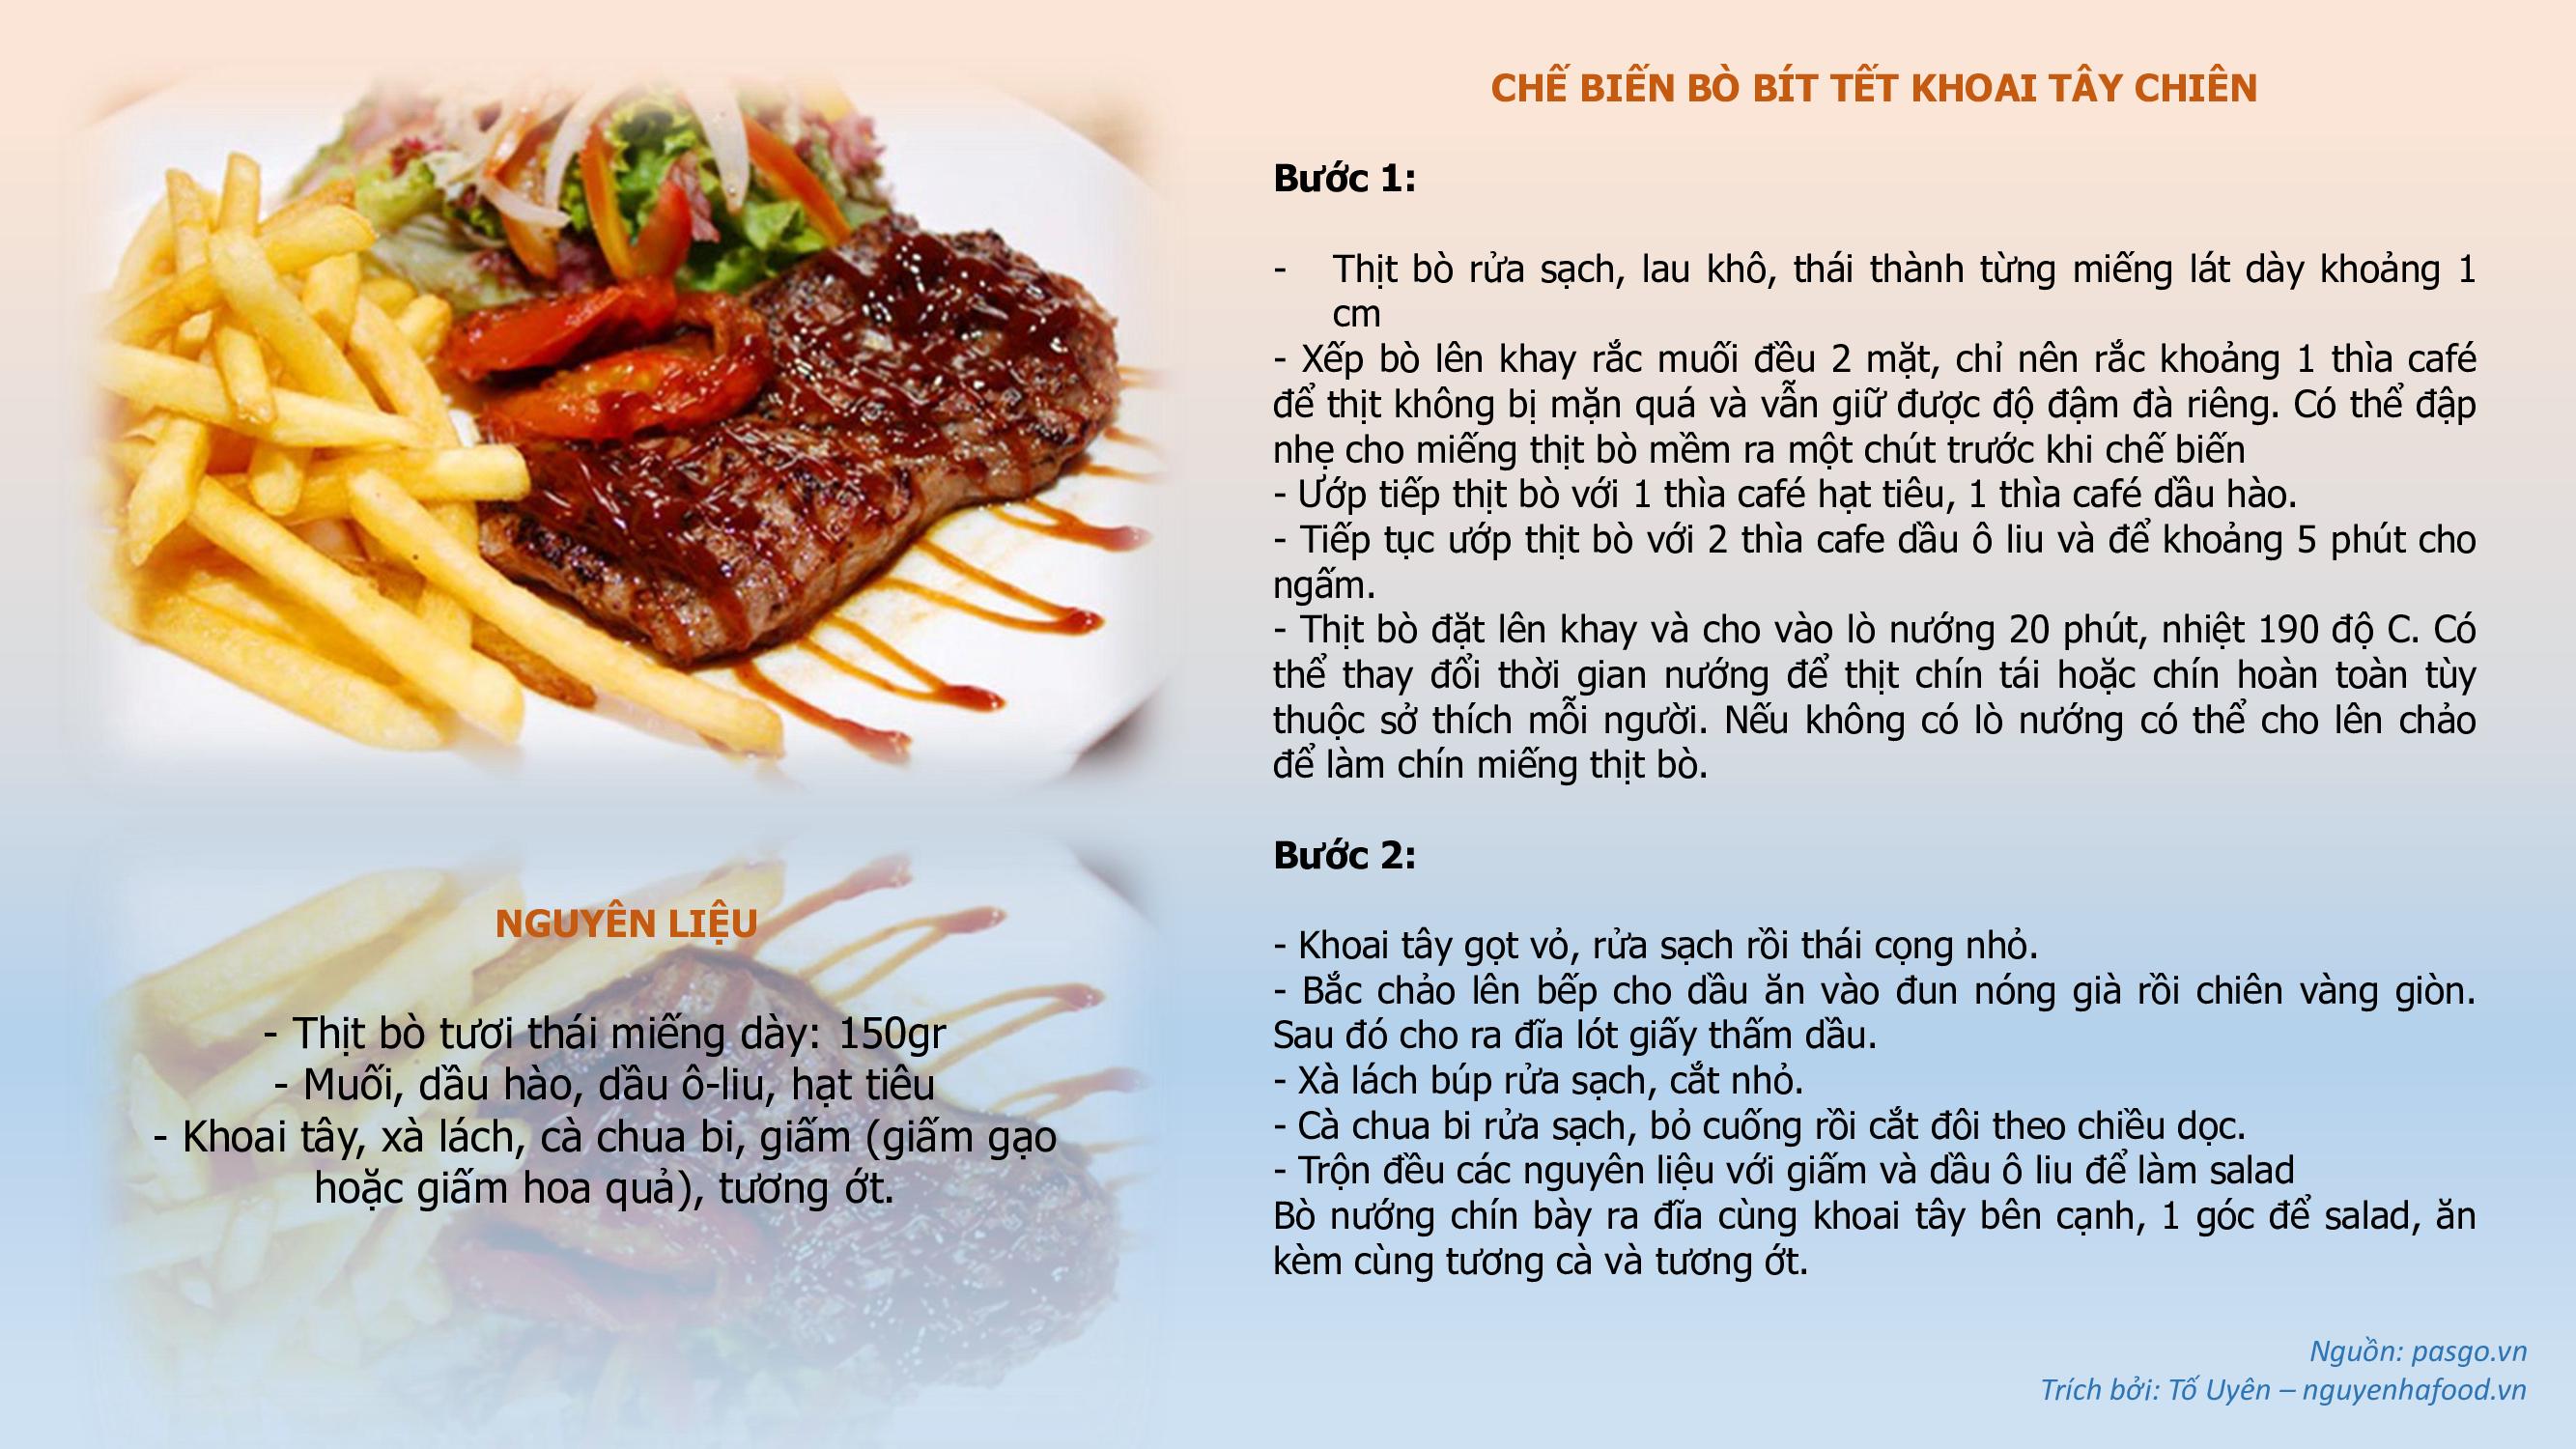 BO BIT TET KHOAI TAY CHIEN- NGUYENHAFOOD